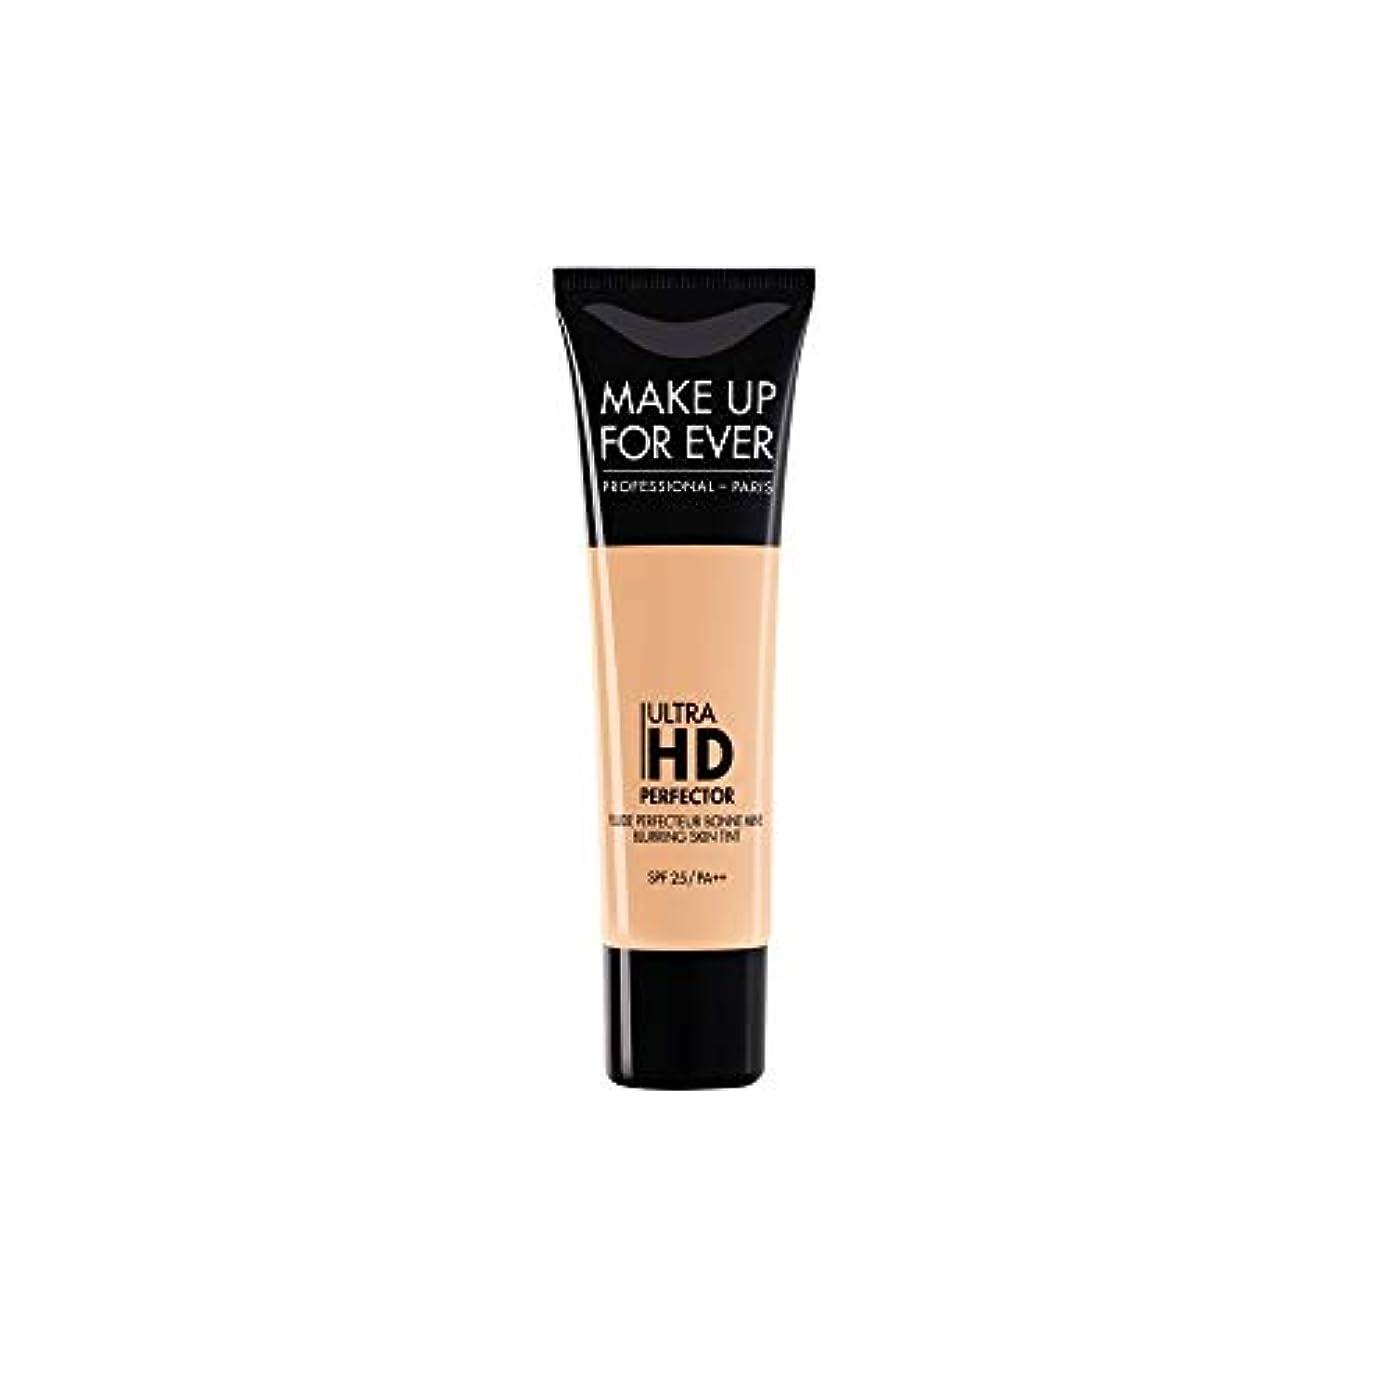 デイジー人差し指丈夫メイクアップフォーエバー Ultra HD Perfector Blurring Skin Tint SPF25 - # 05 Sand 30ml/1.01oz並行輸入品